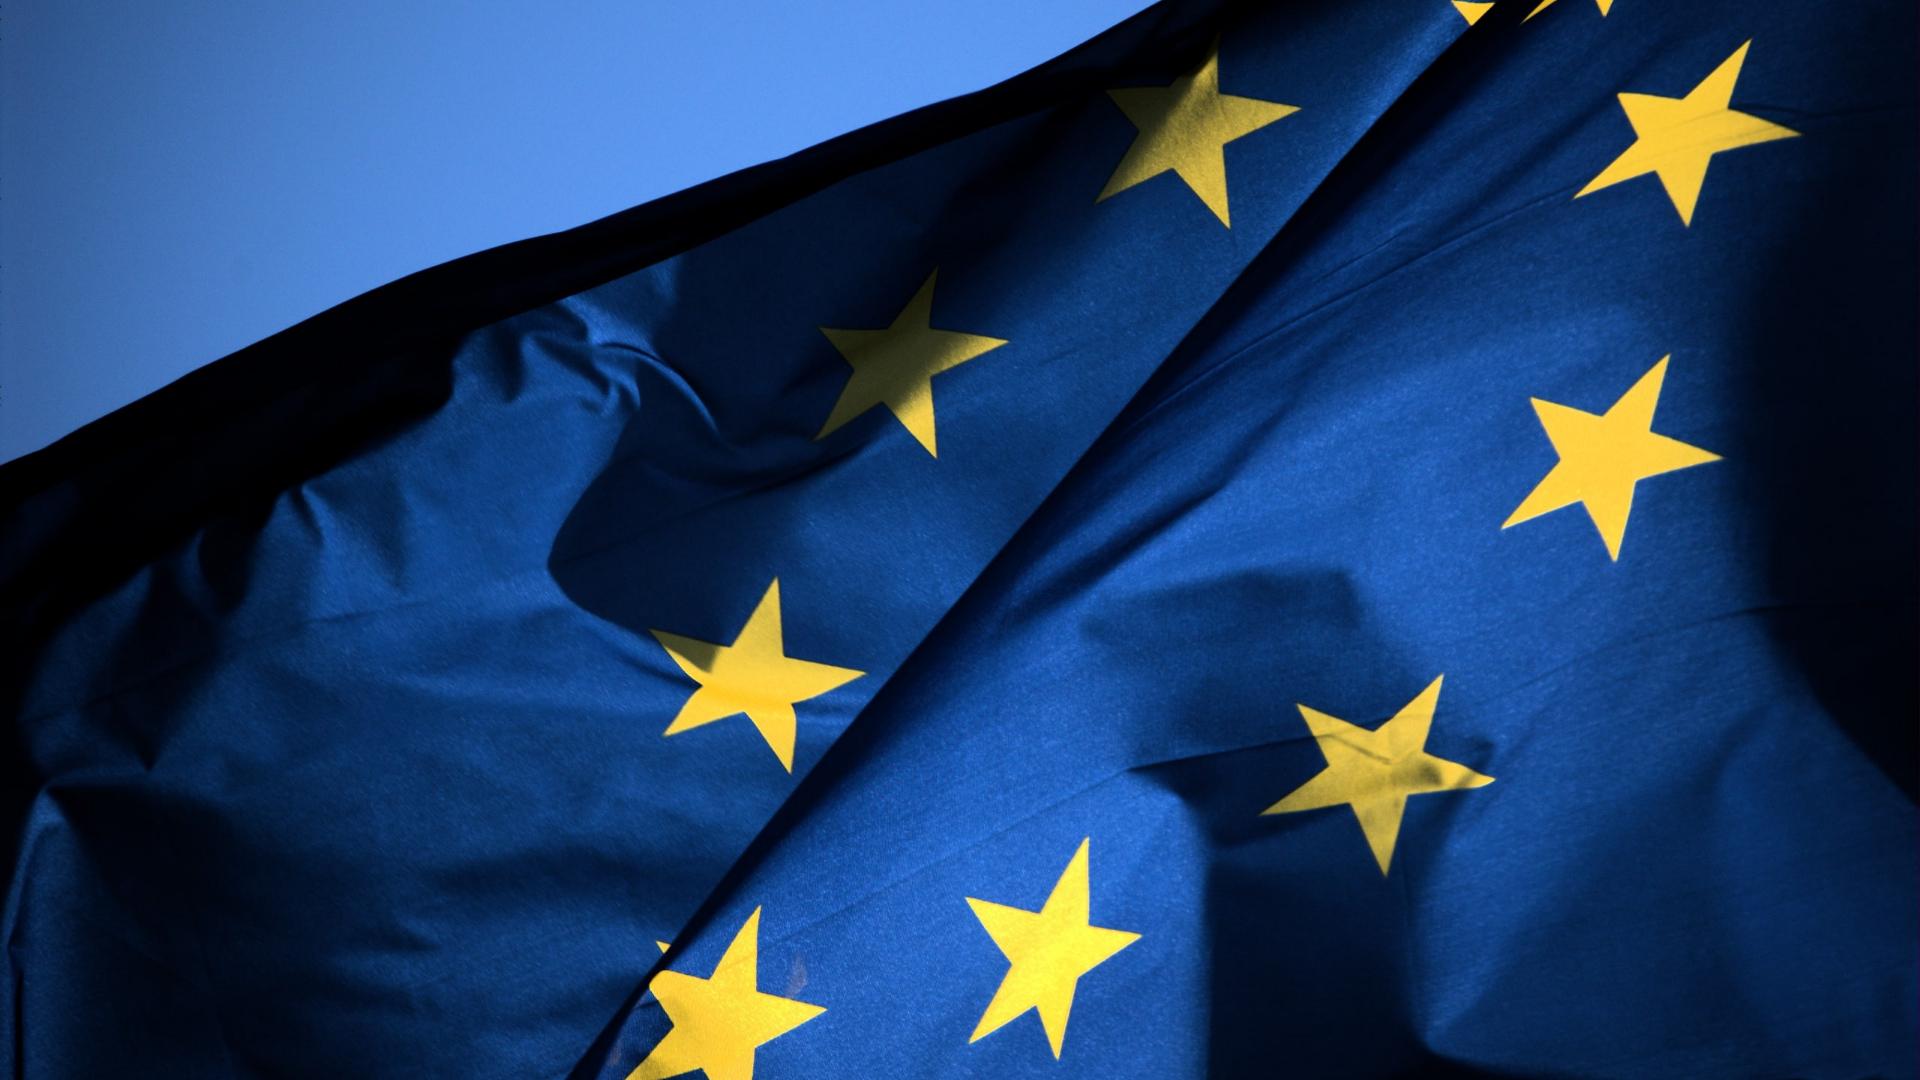 The 2020 European financial services outlook